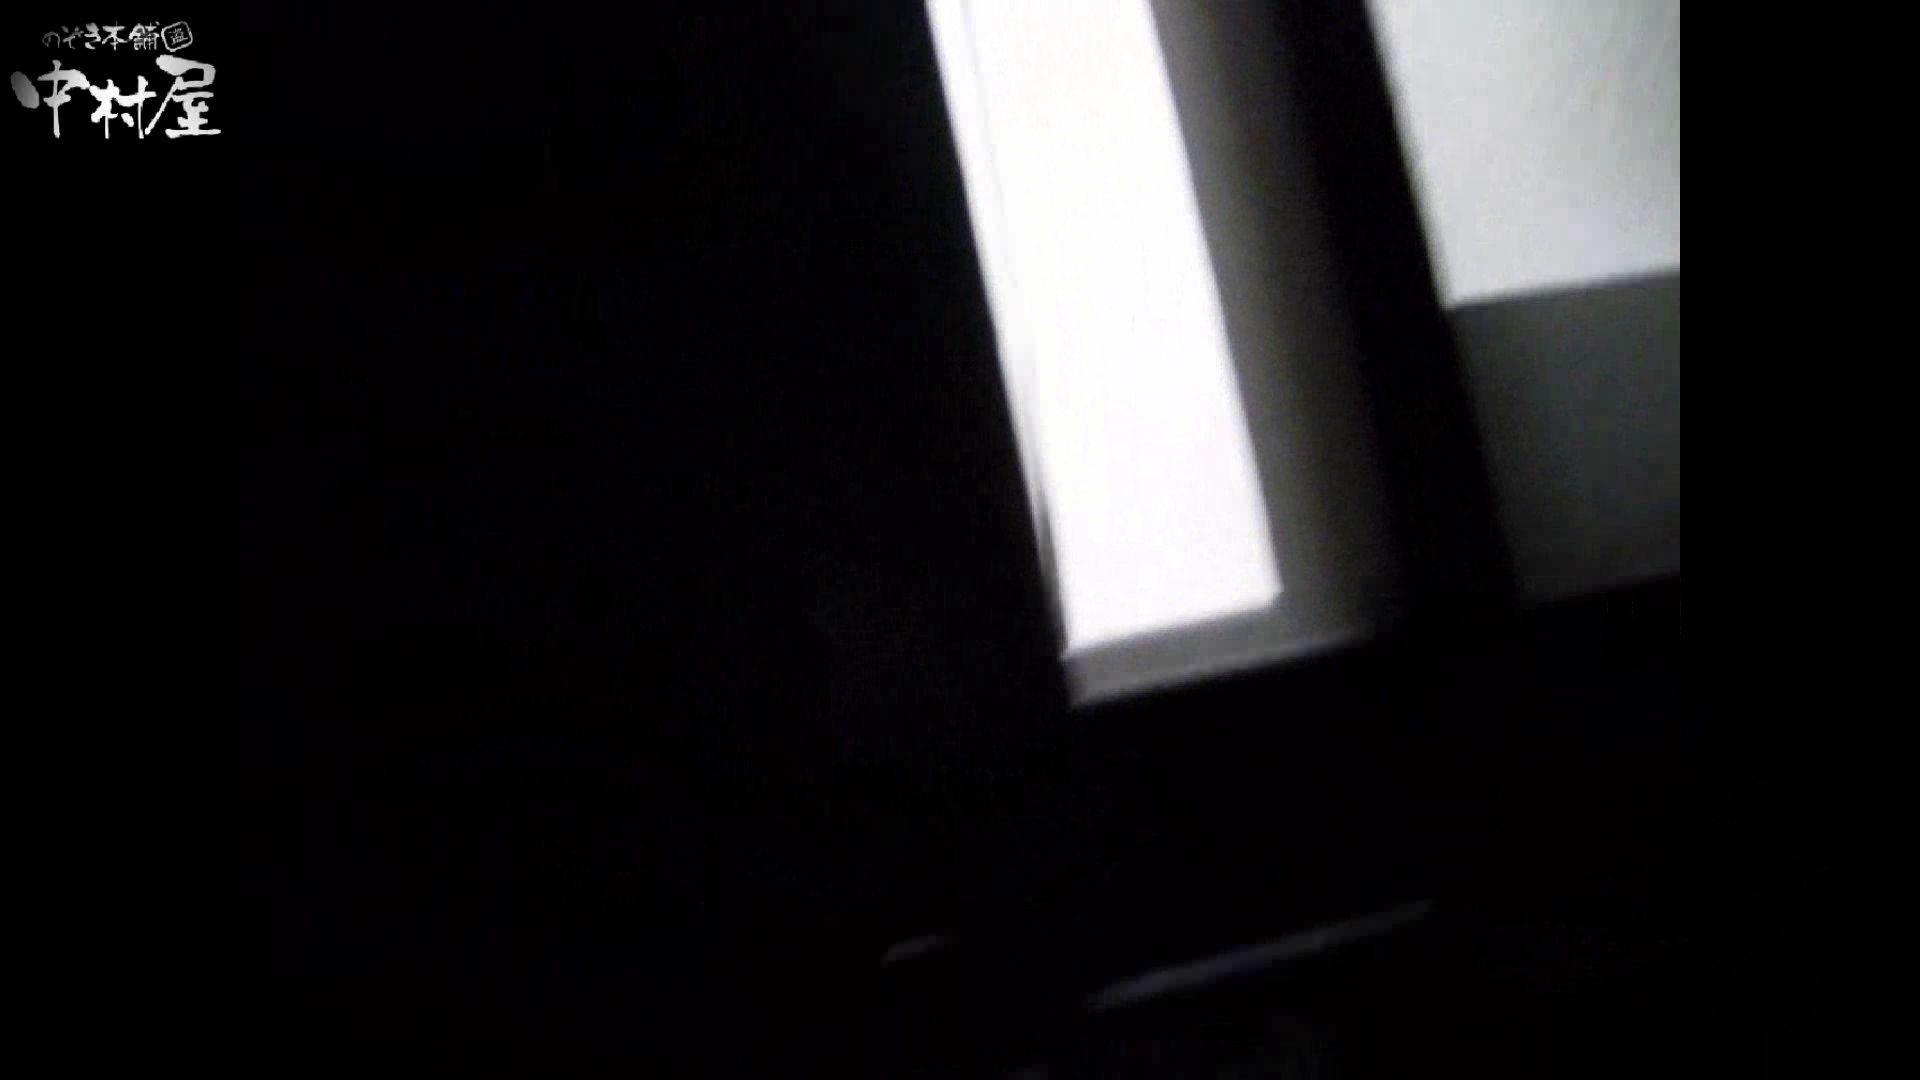 民家風呂専門盗撮師の超危険映像 vol.005 民家   美少女すけべ画像  36連発 13